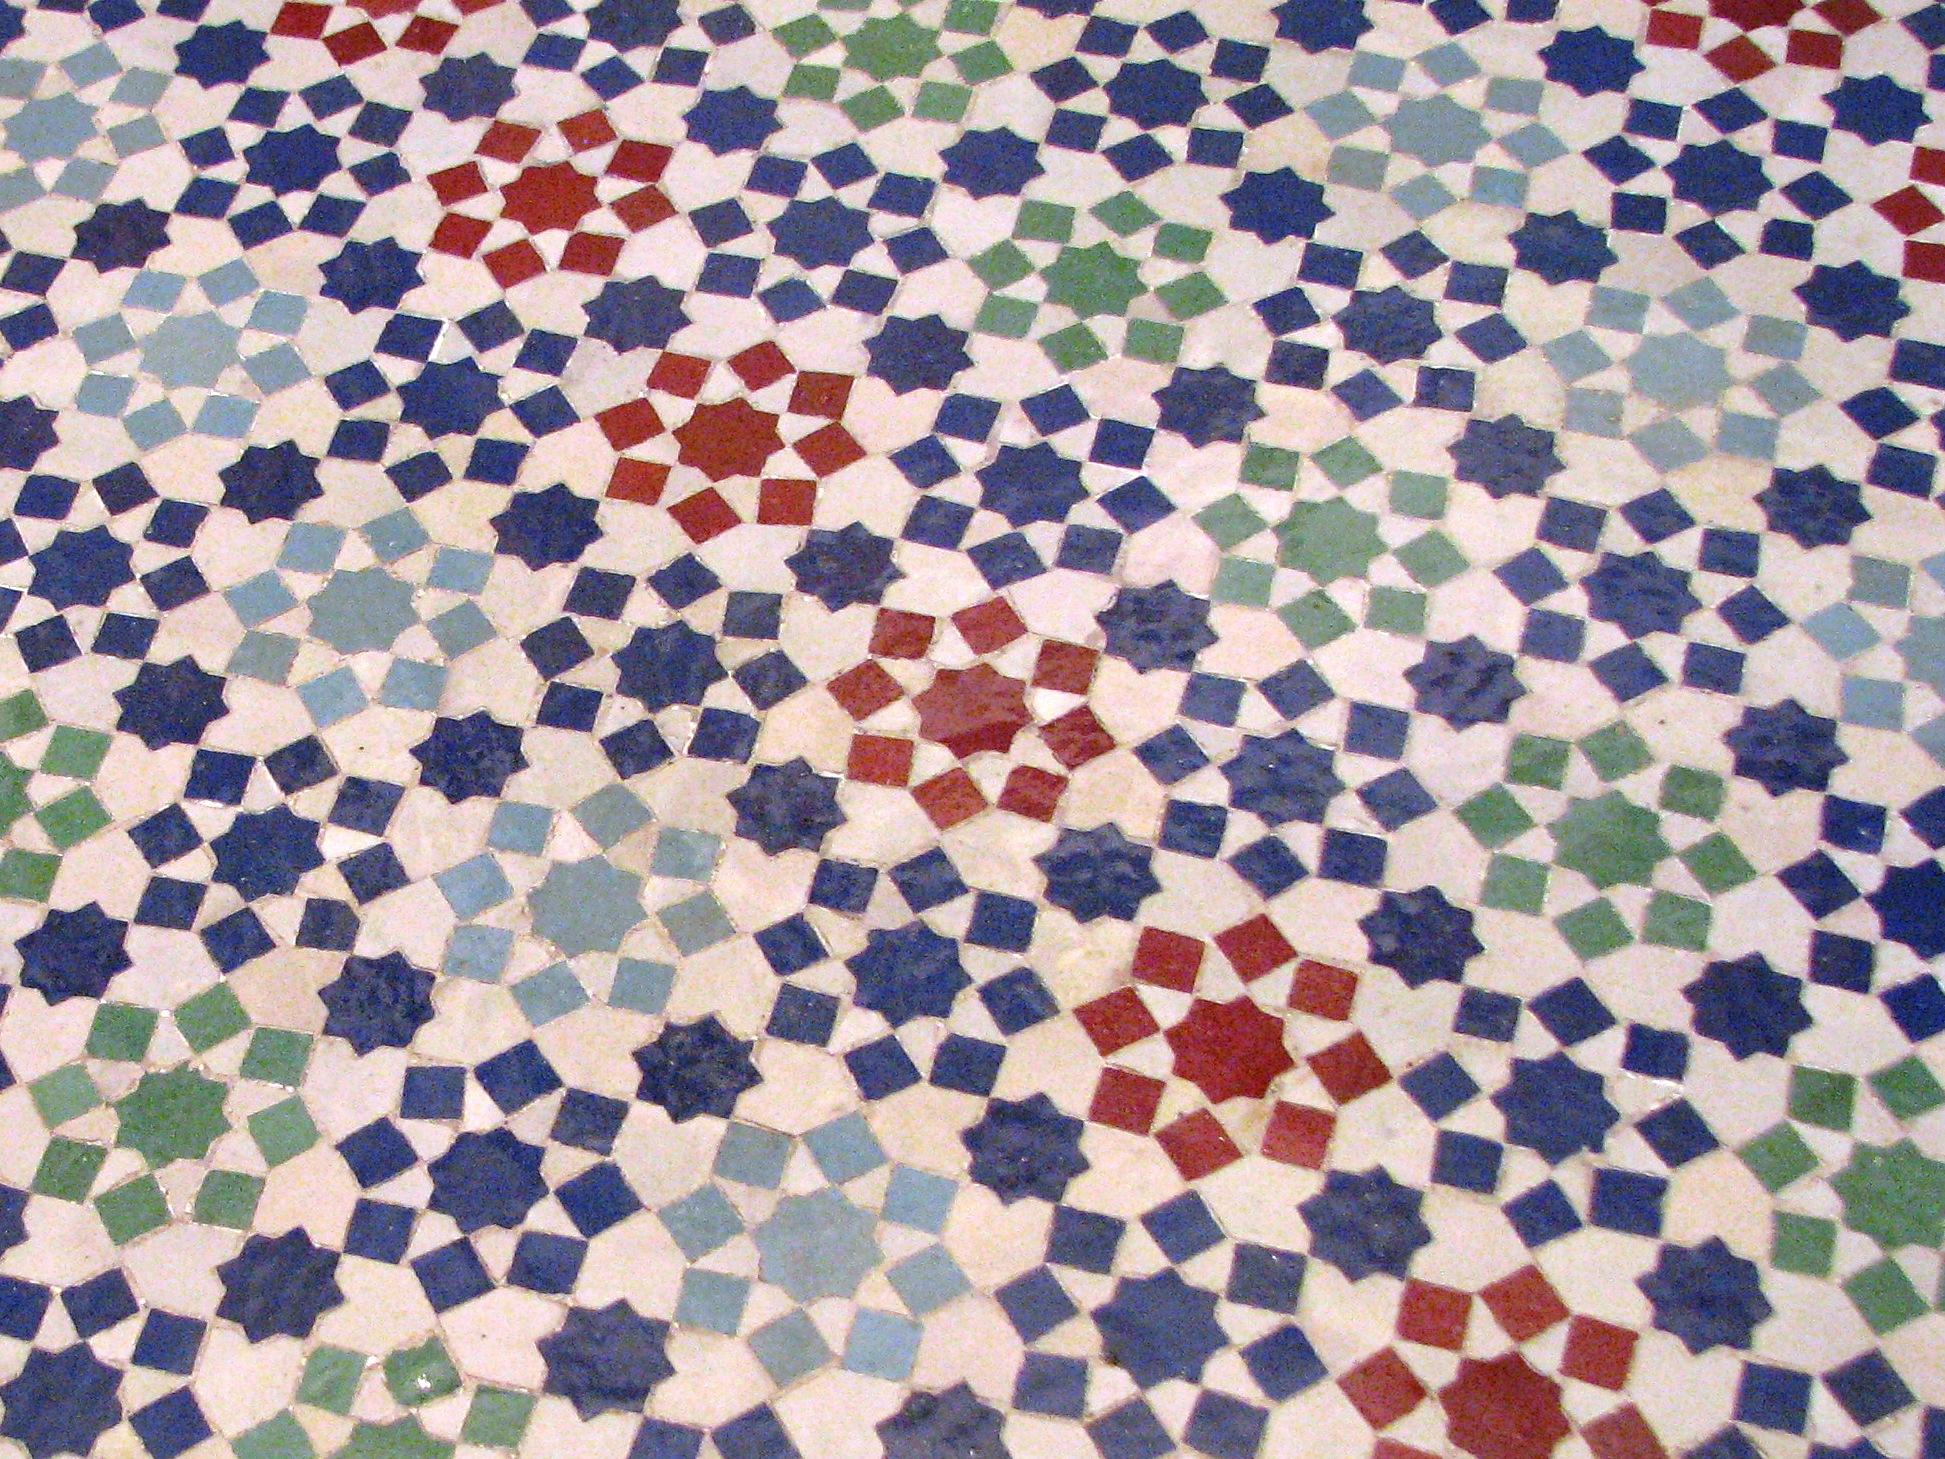 zellij_geometric_pattern